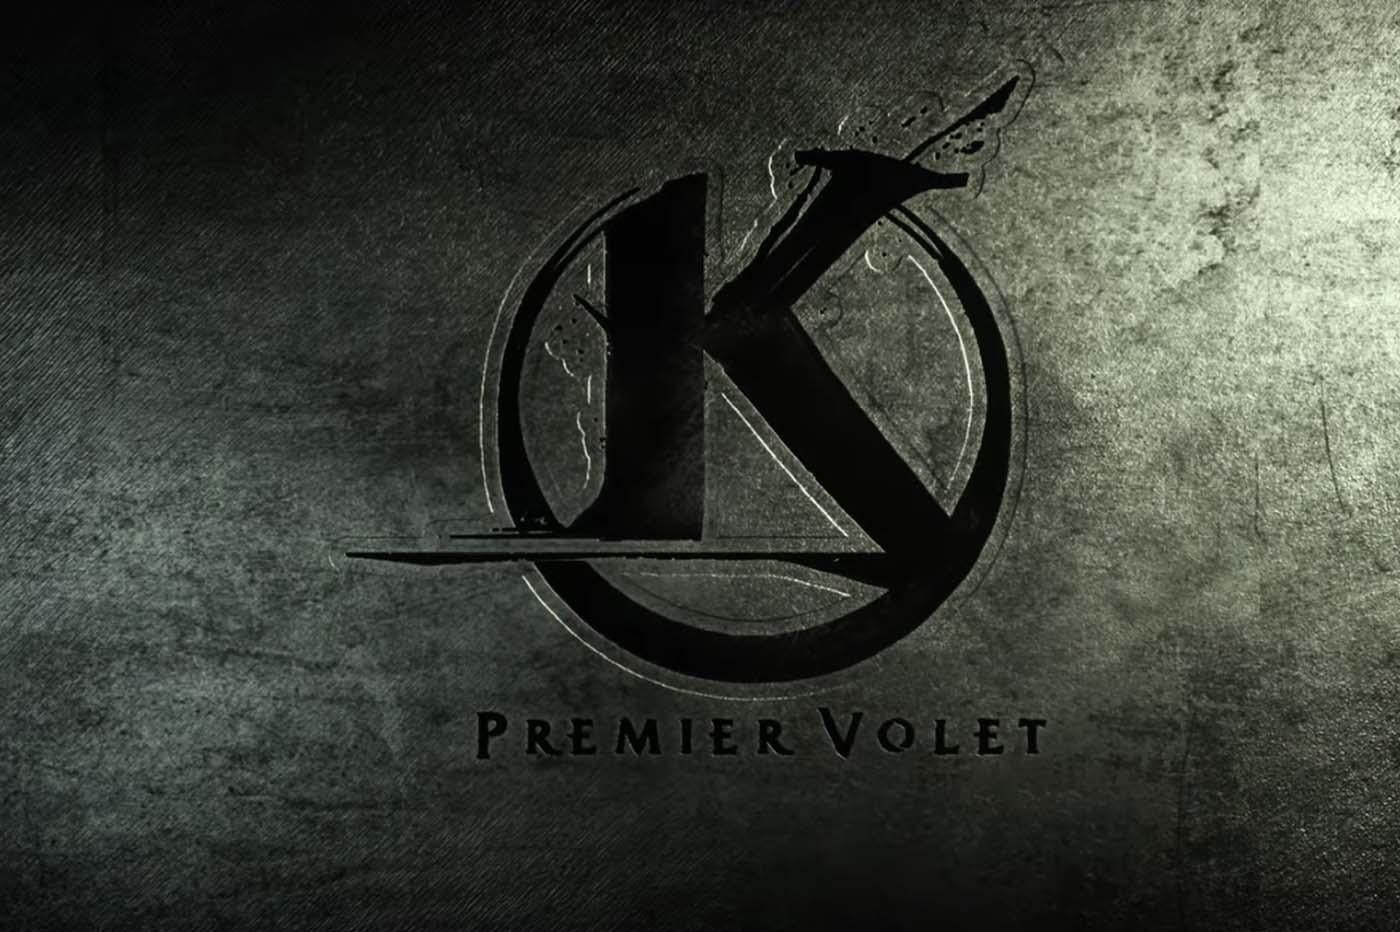 Alexandre Astier dévoile les premières images du film dans un teaser —